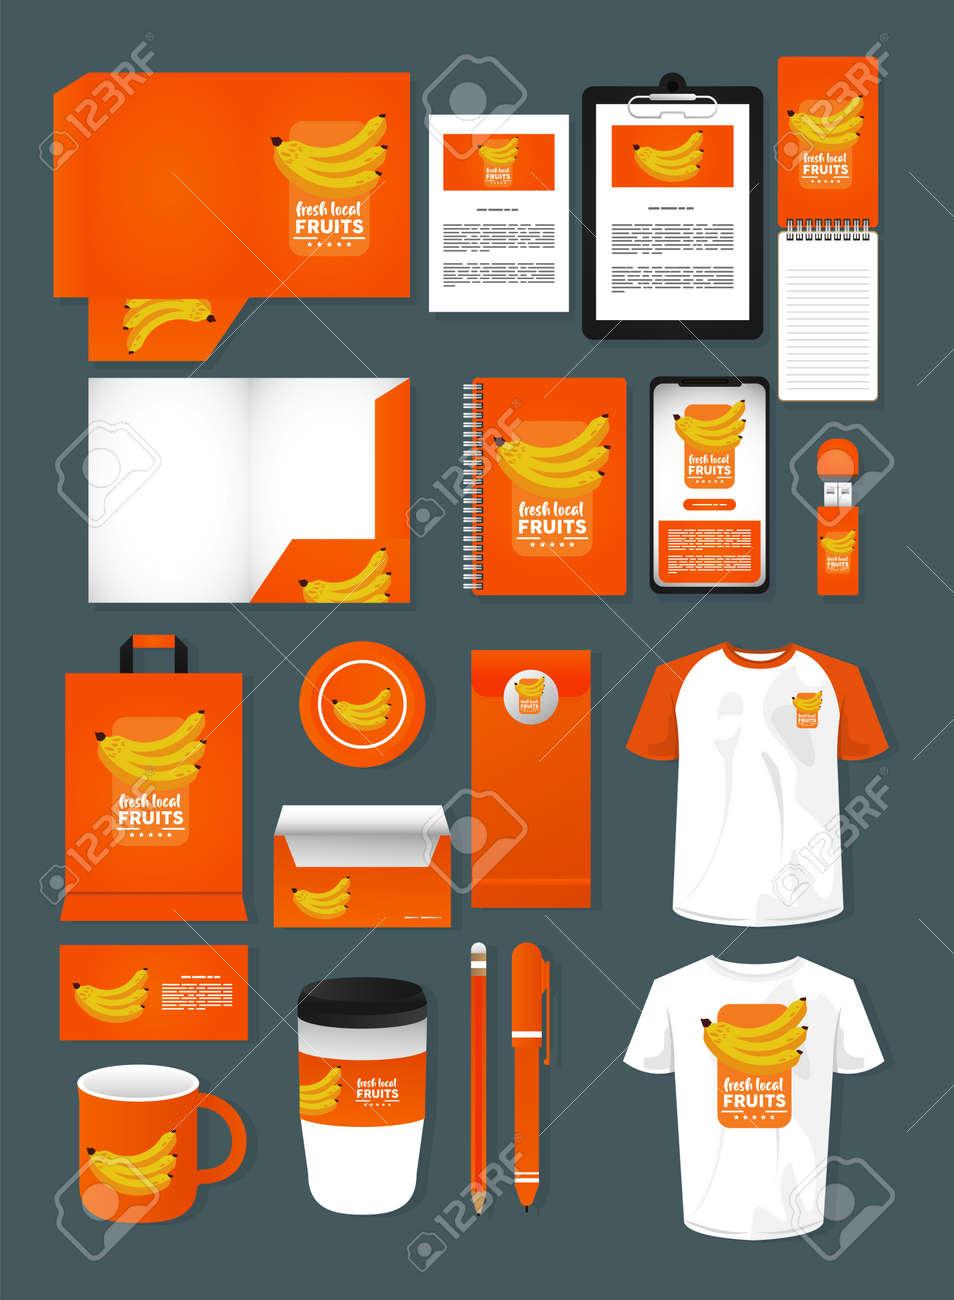 bundle of bananas fruits mockup elements branding vector illustration design - 157970183